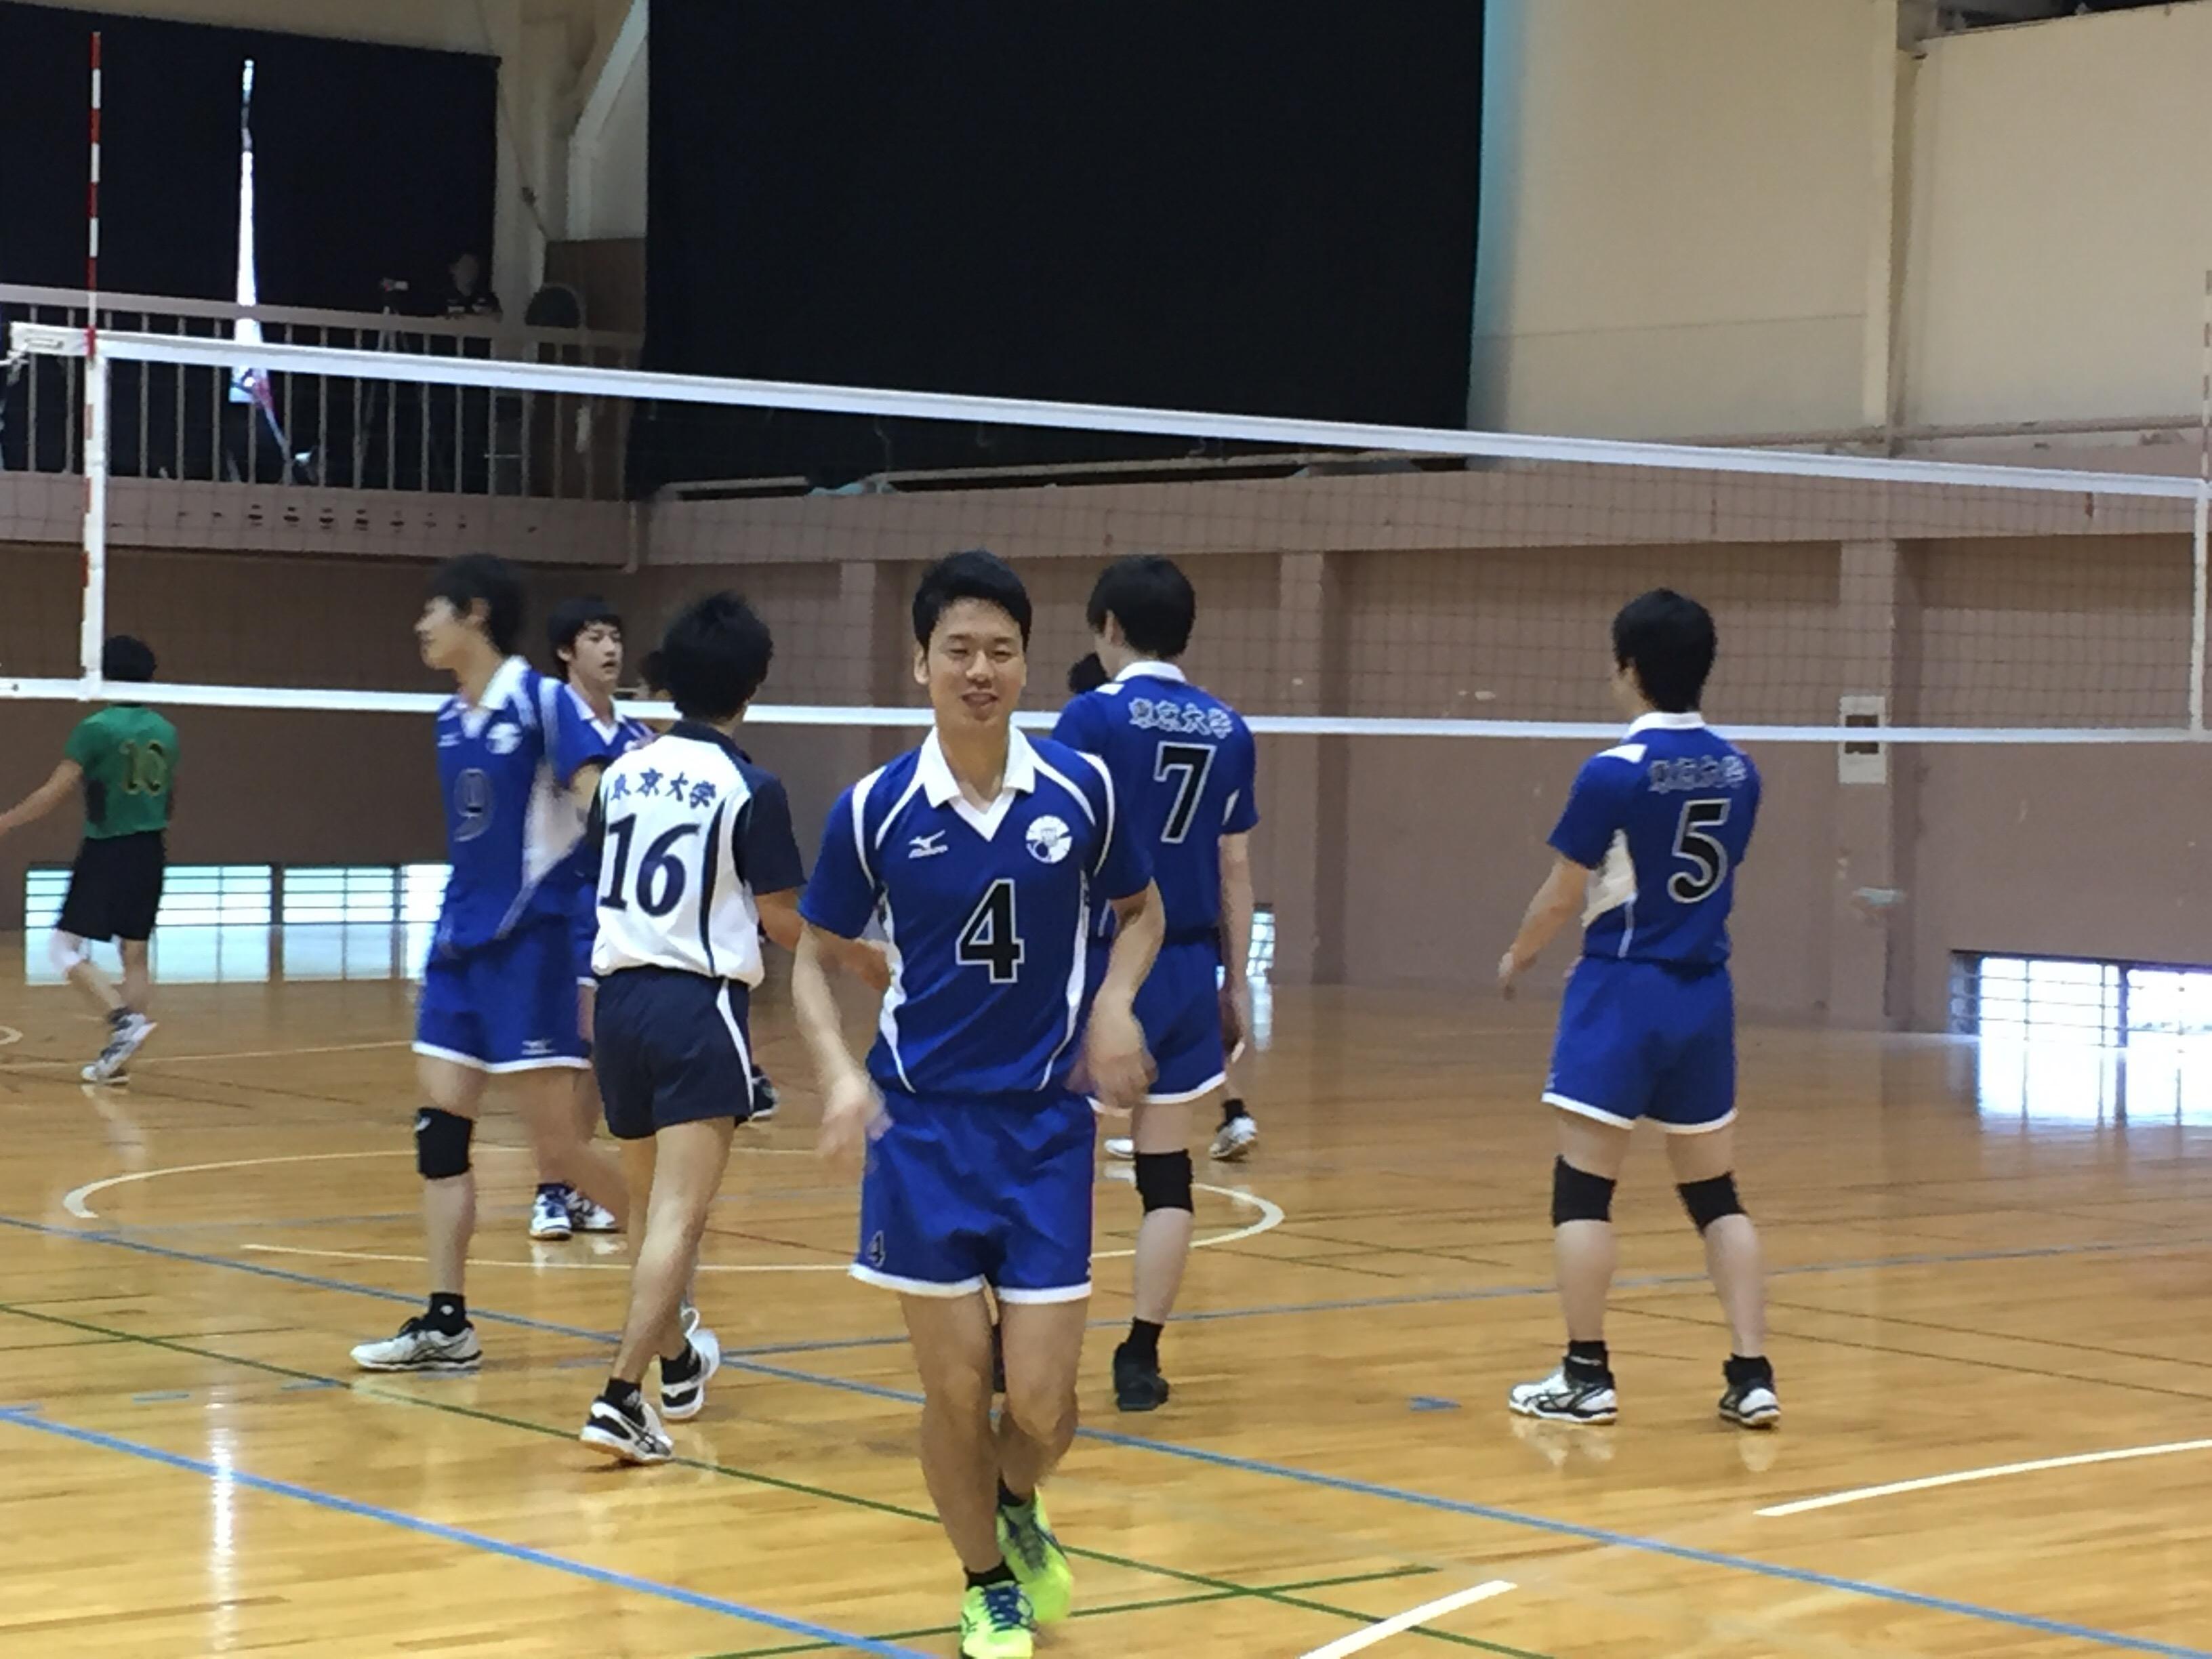 春期リーグ第1戦(vs埼玉大学)